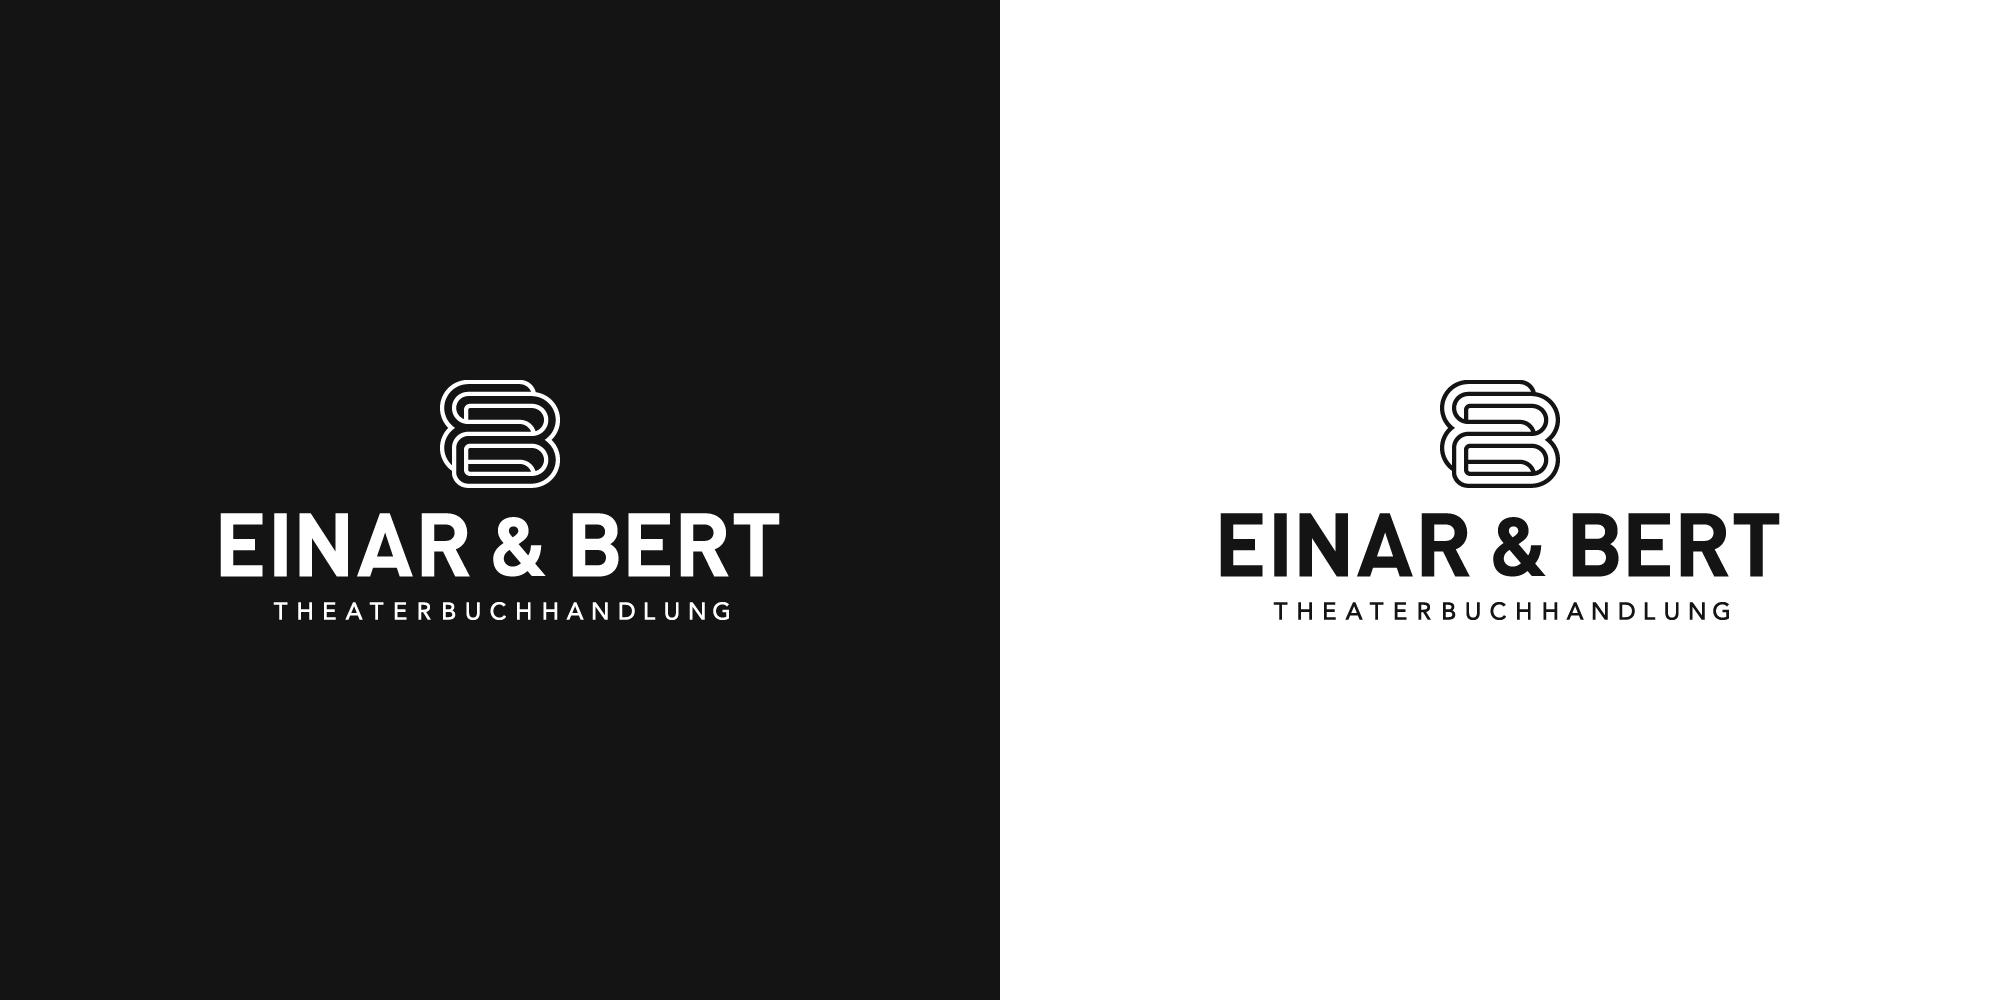 einar-und-bert-logo03